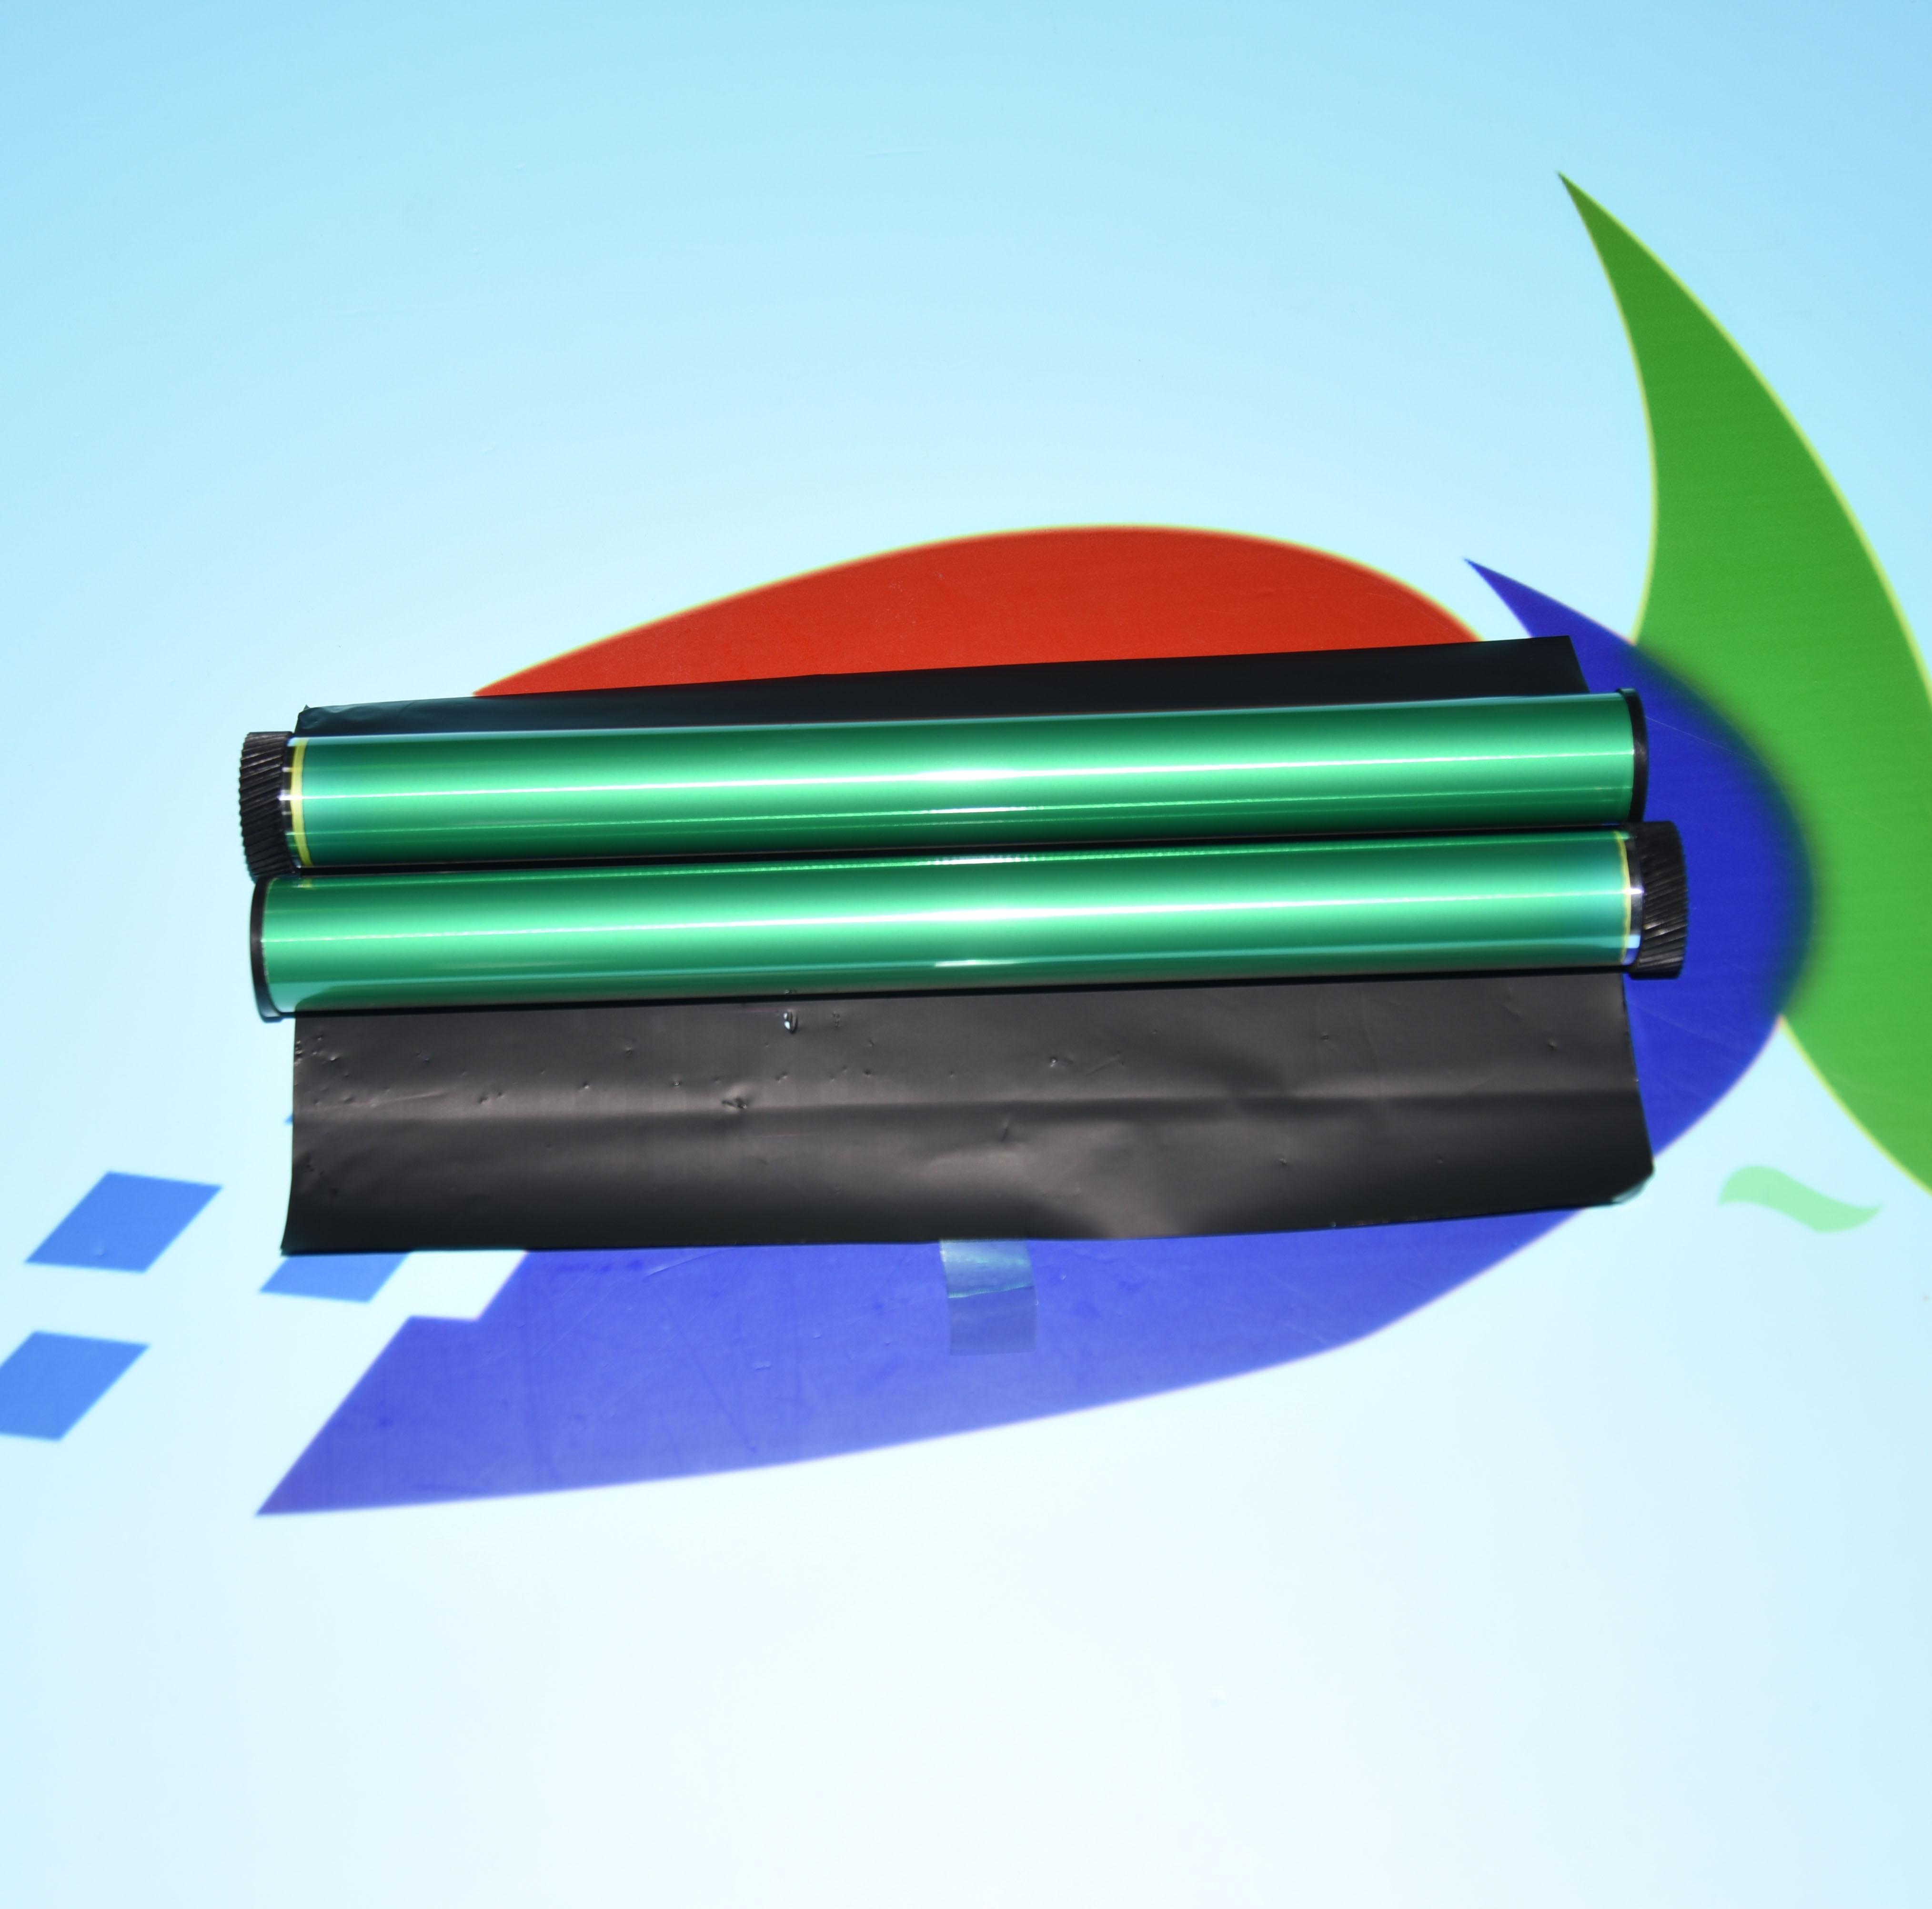 1pcs Compatible OPC Drum For Pantum P2500W P2505 P2550 M6200 M6500 M6505 M6550 M6600 PA-210 PB-211 PB-210 PA-211 PC-210 PC-211 O